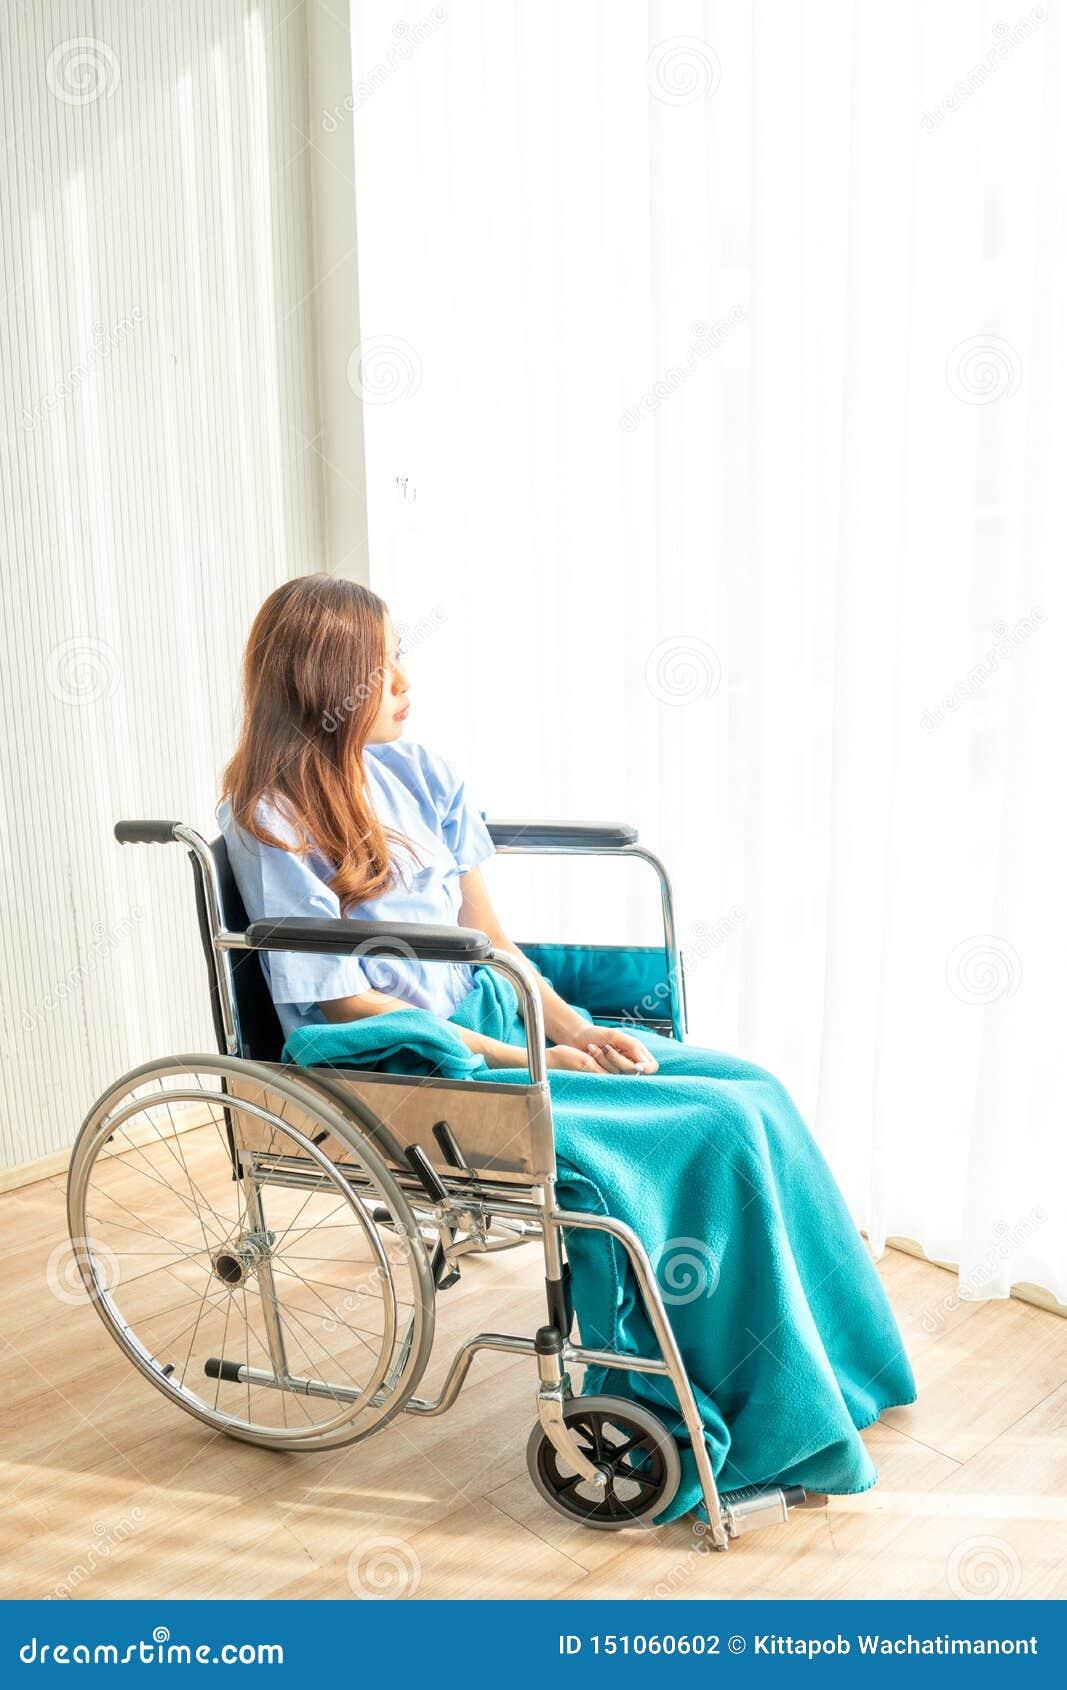 Patient saß auf einem Rollstuhl mit einem stumpfen, traurigen, hoffnungslosen und besorgten Auge